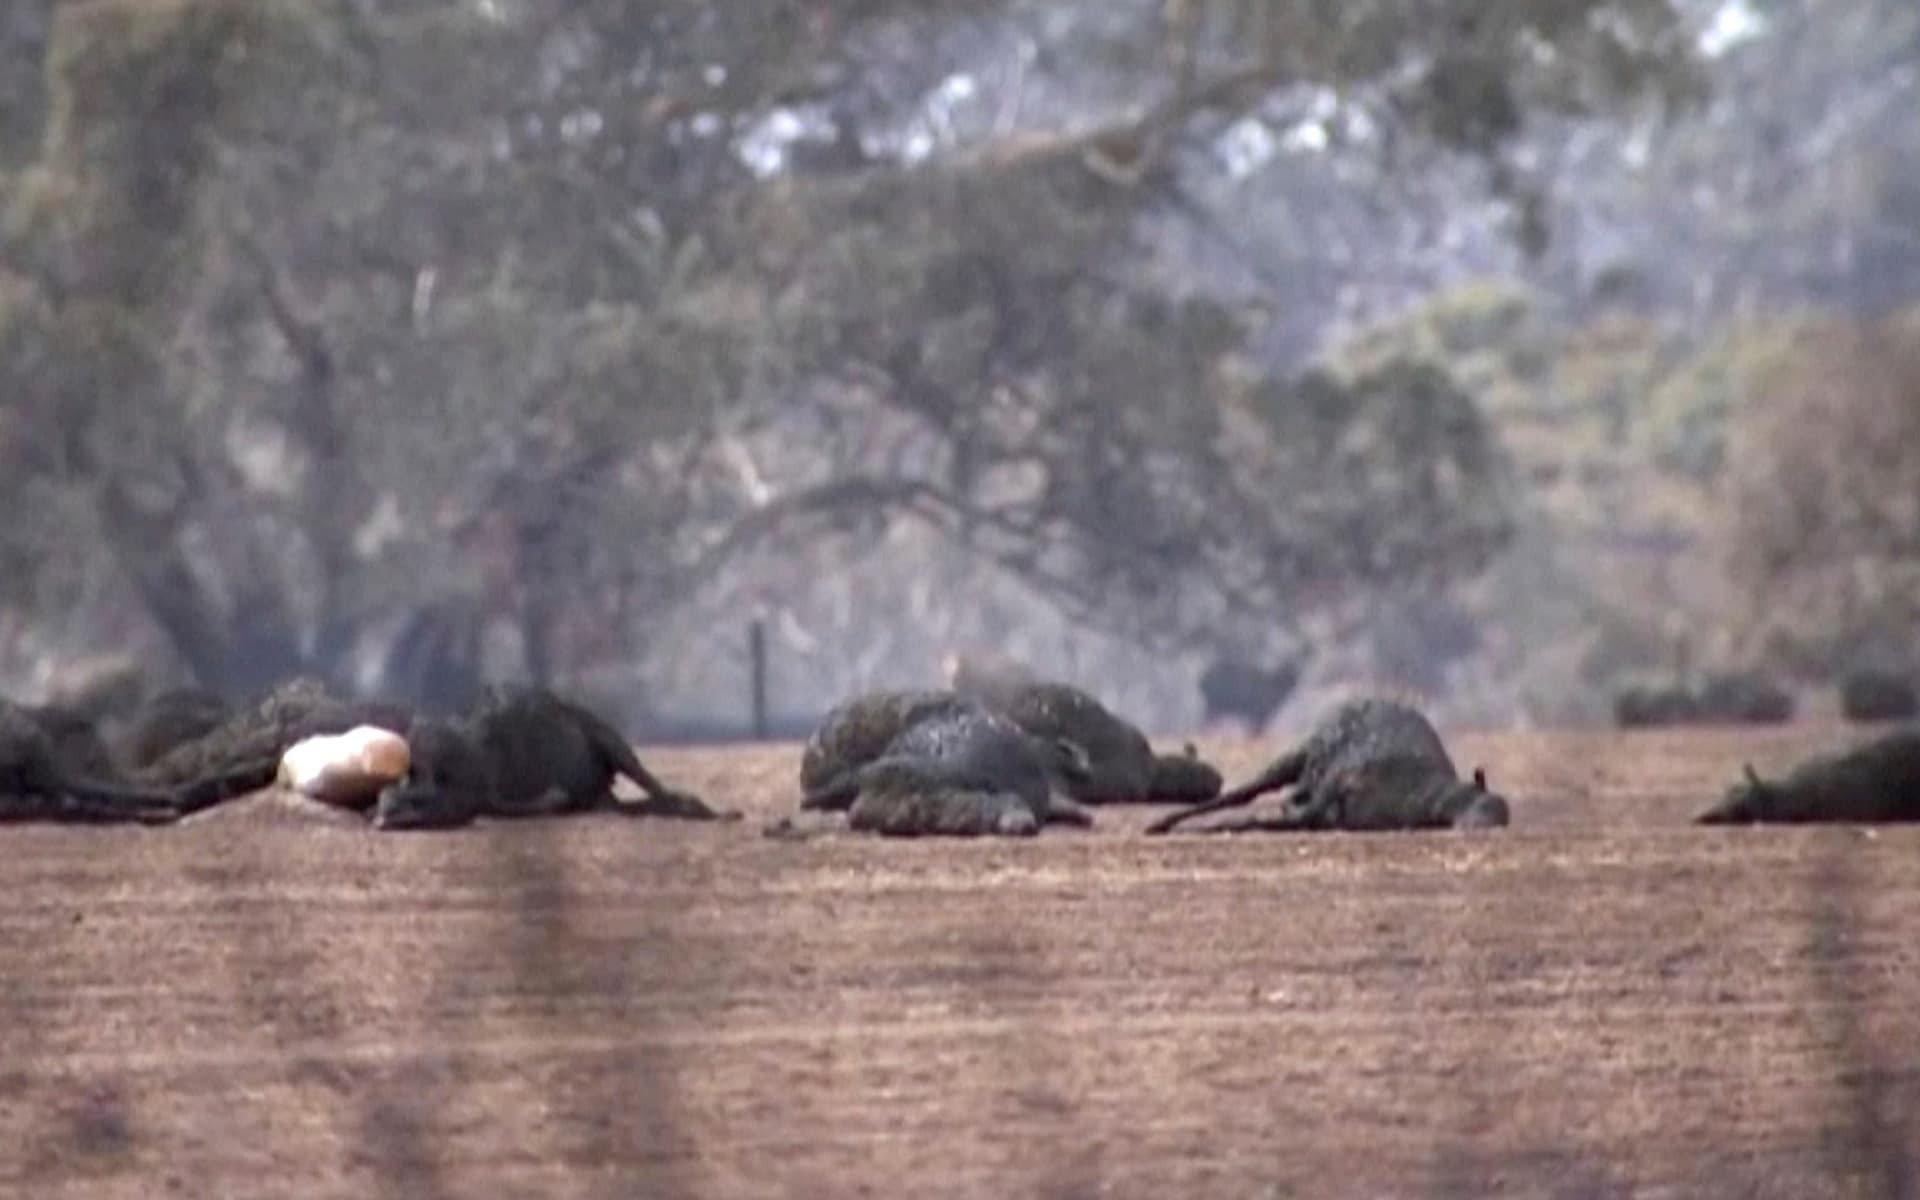 Gần nửa tỷ động vật chết do cháy rừng, xác nằm la liệt gây ám ảnh tại Úc 6